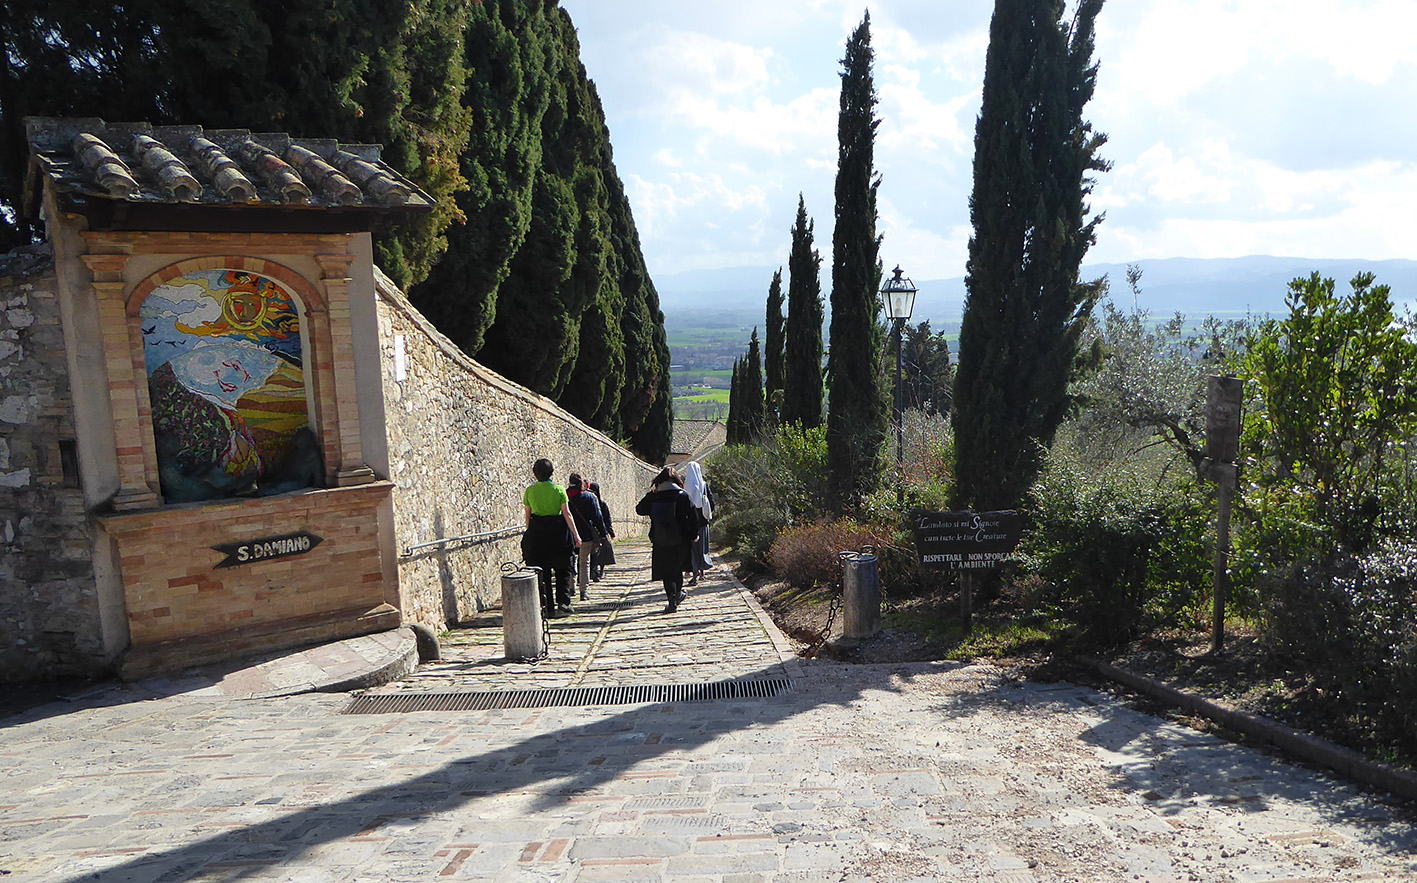 Nach San Damiano